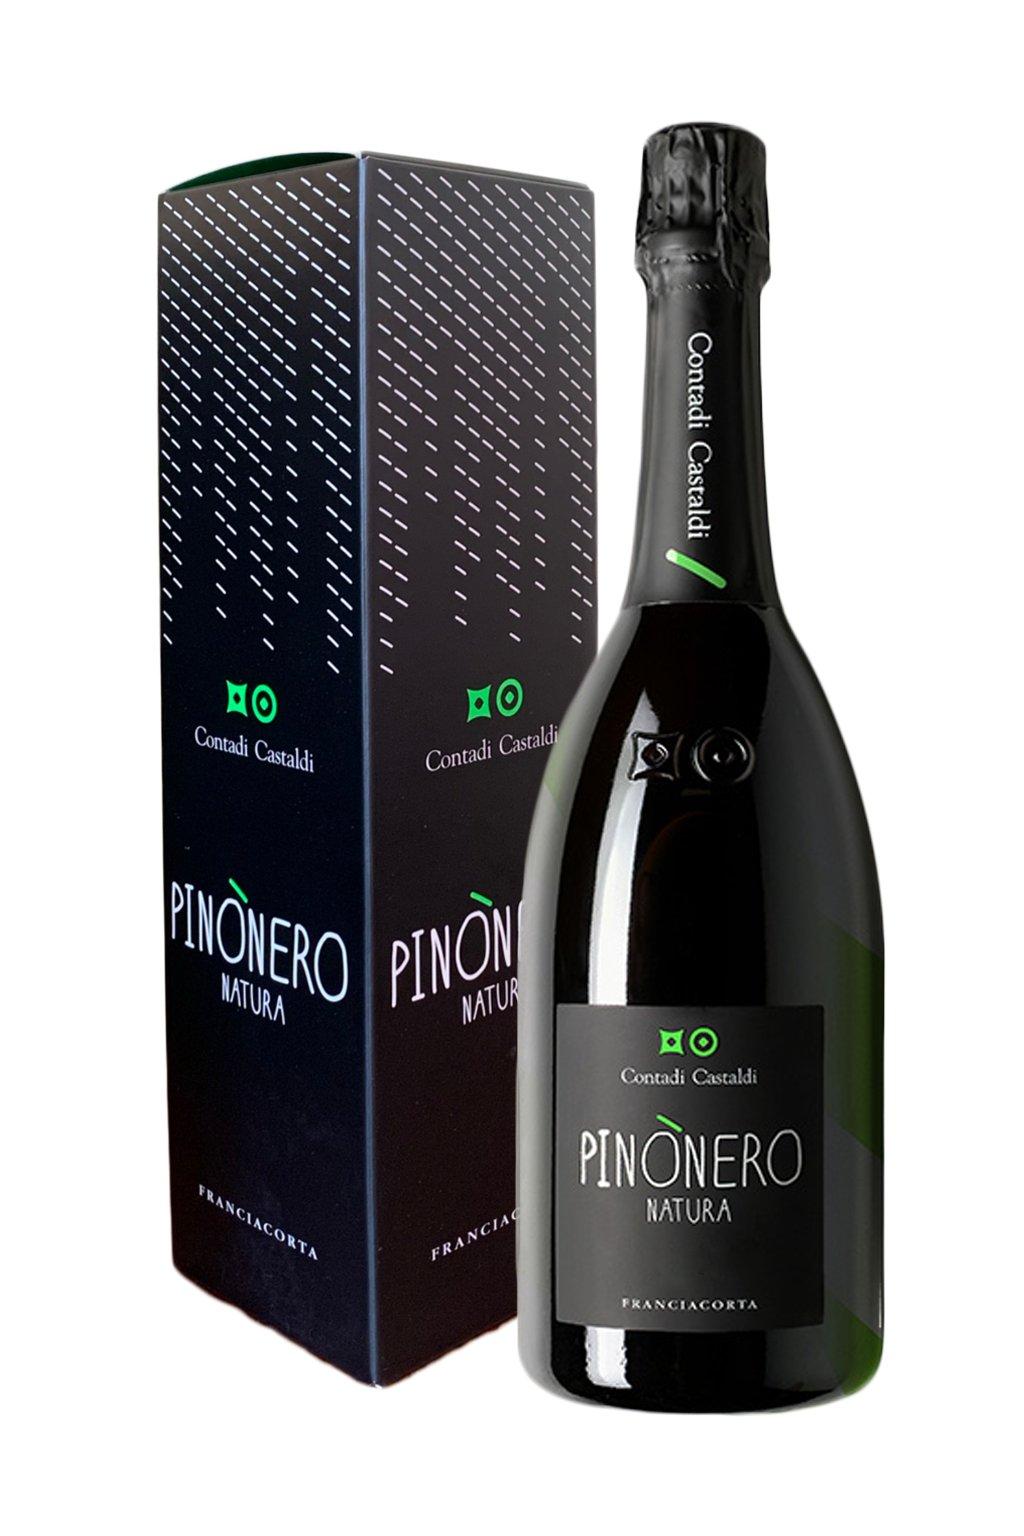 Pinonero gift box